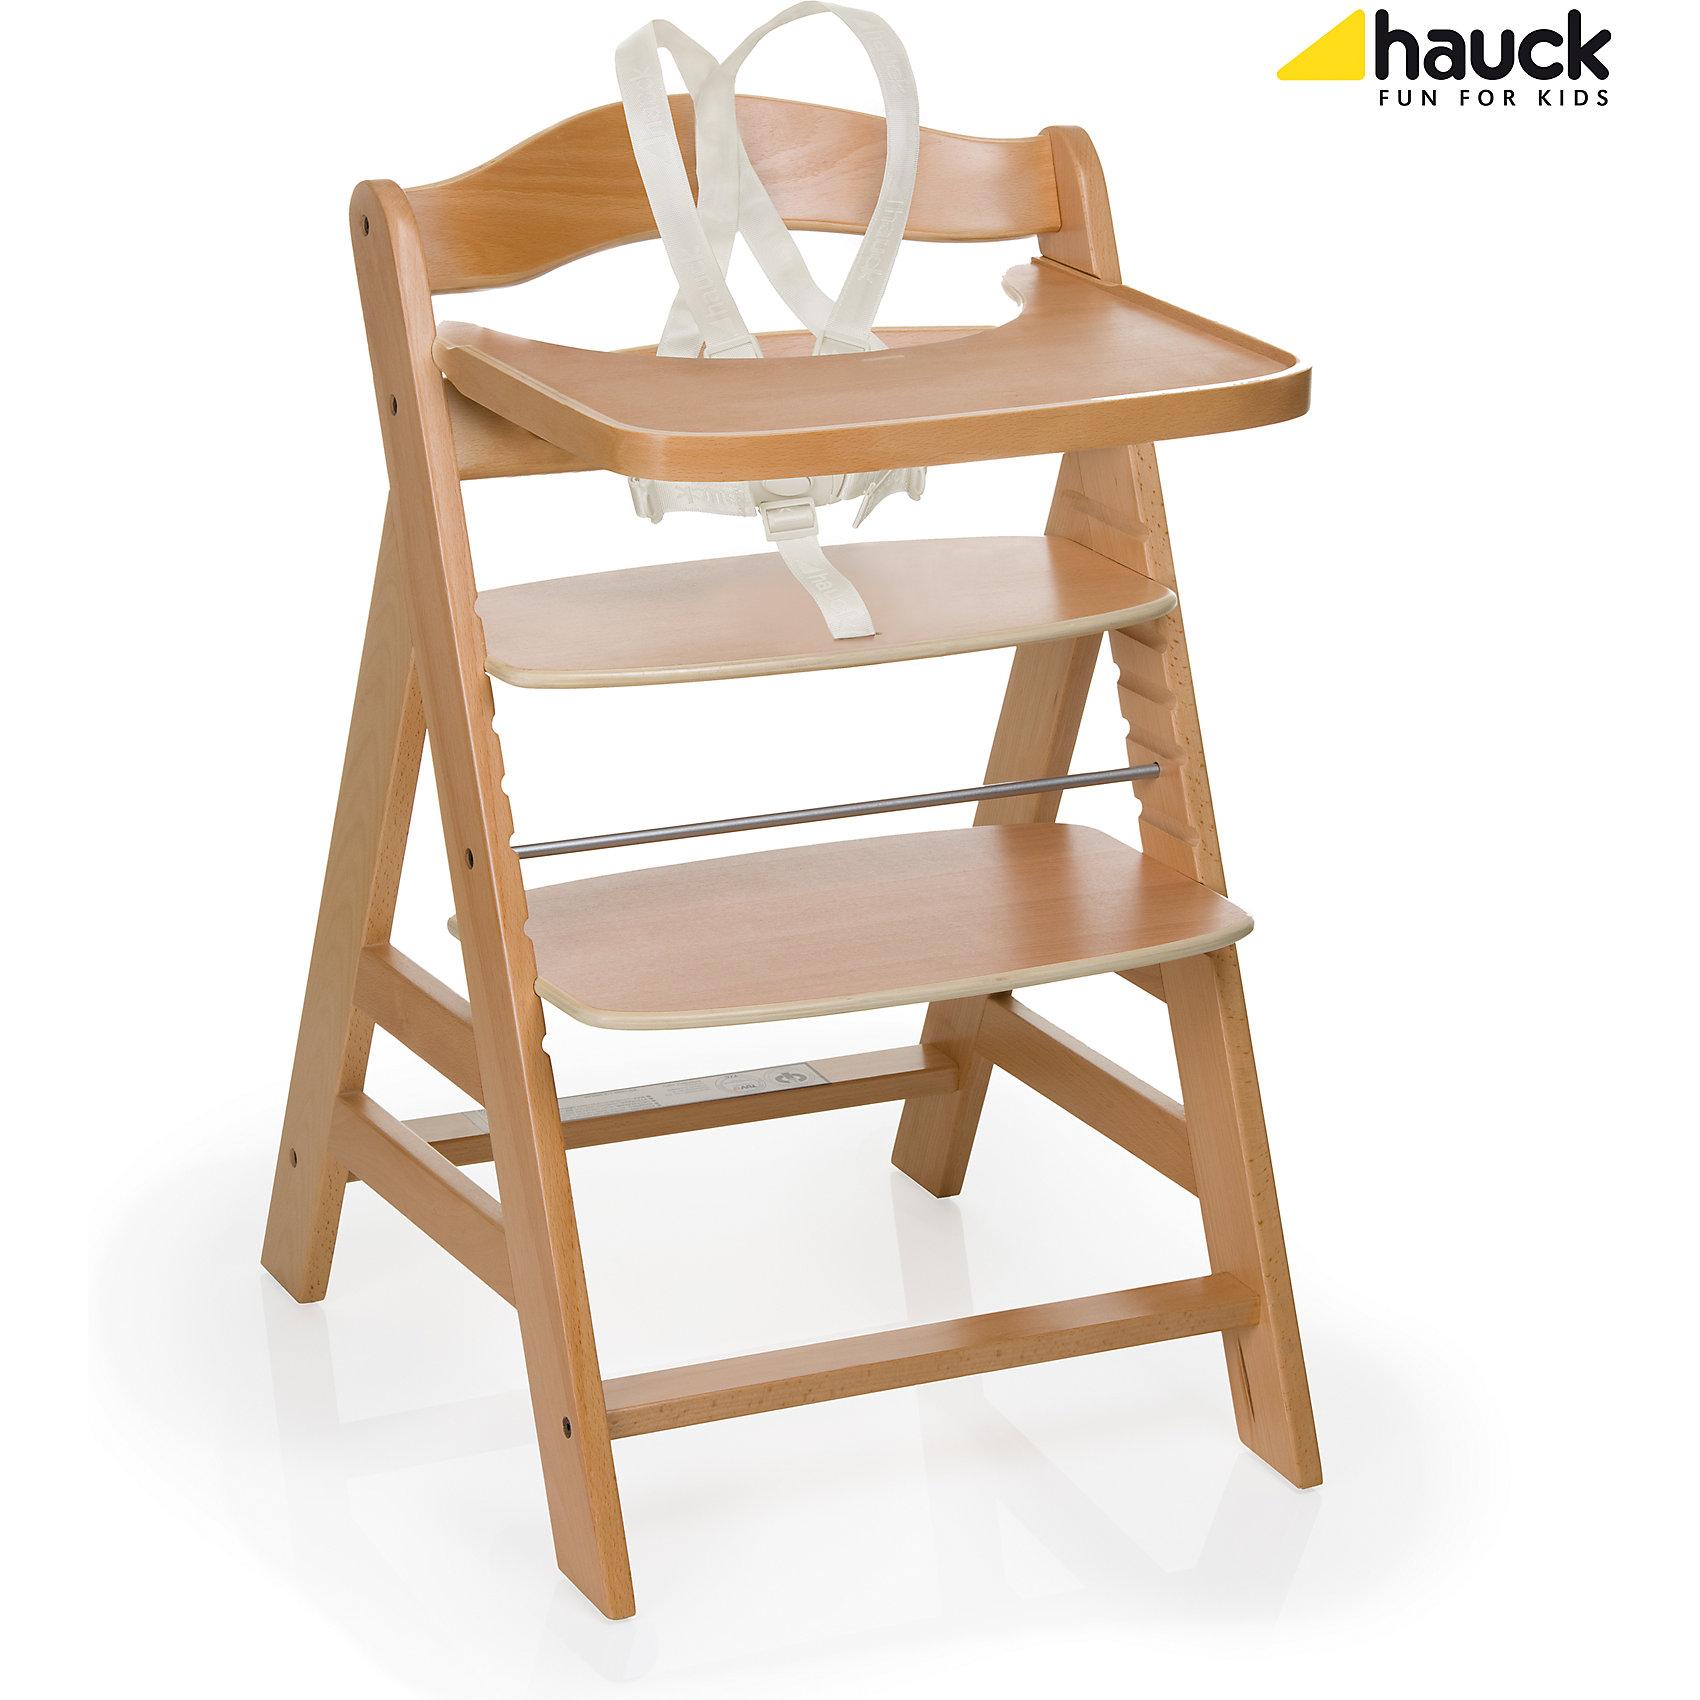 Стульчик для кормления GAMMA+B, Hauck, natural